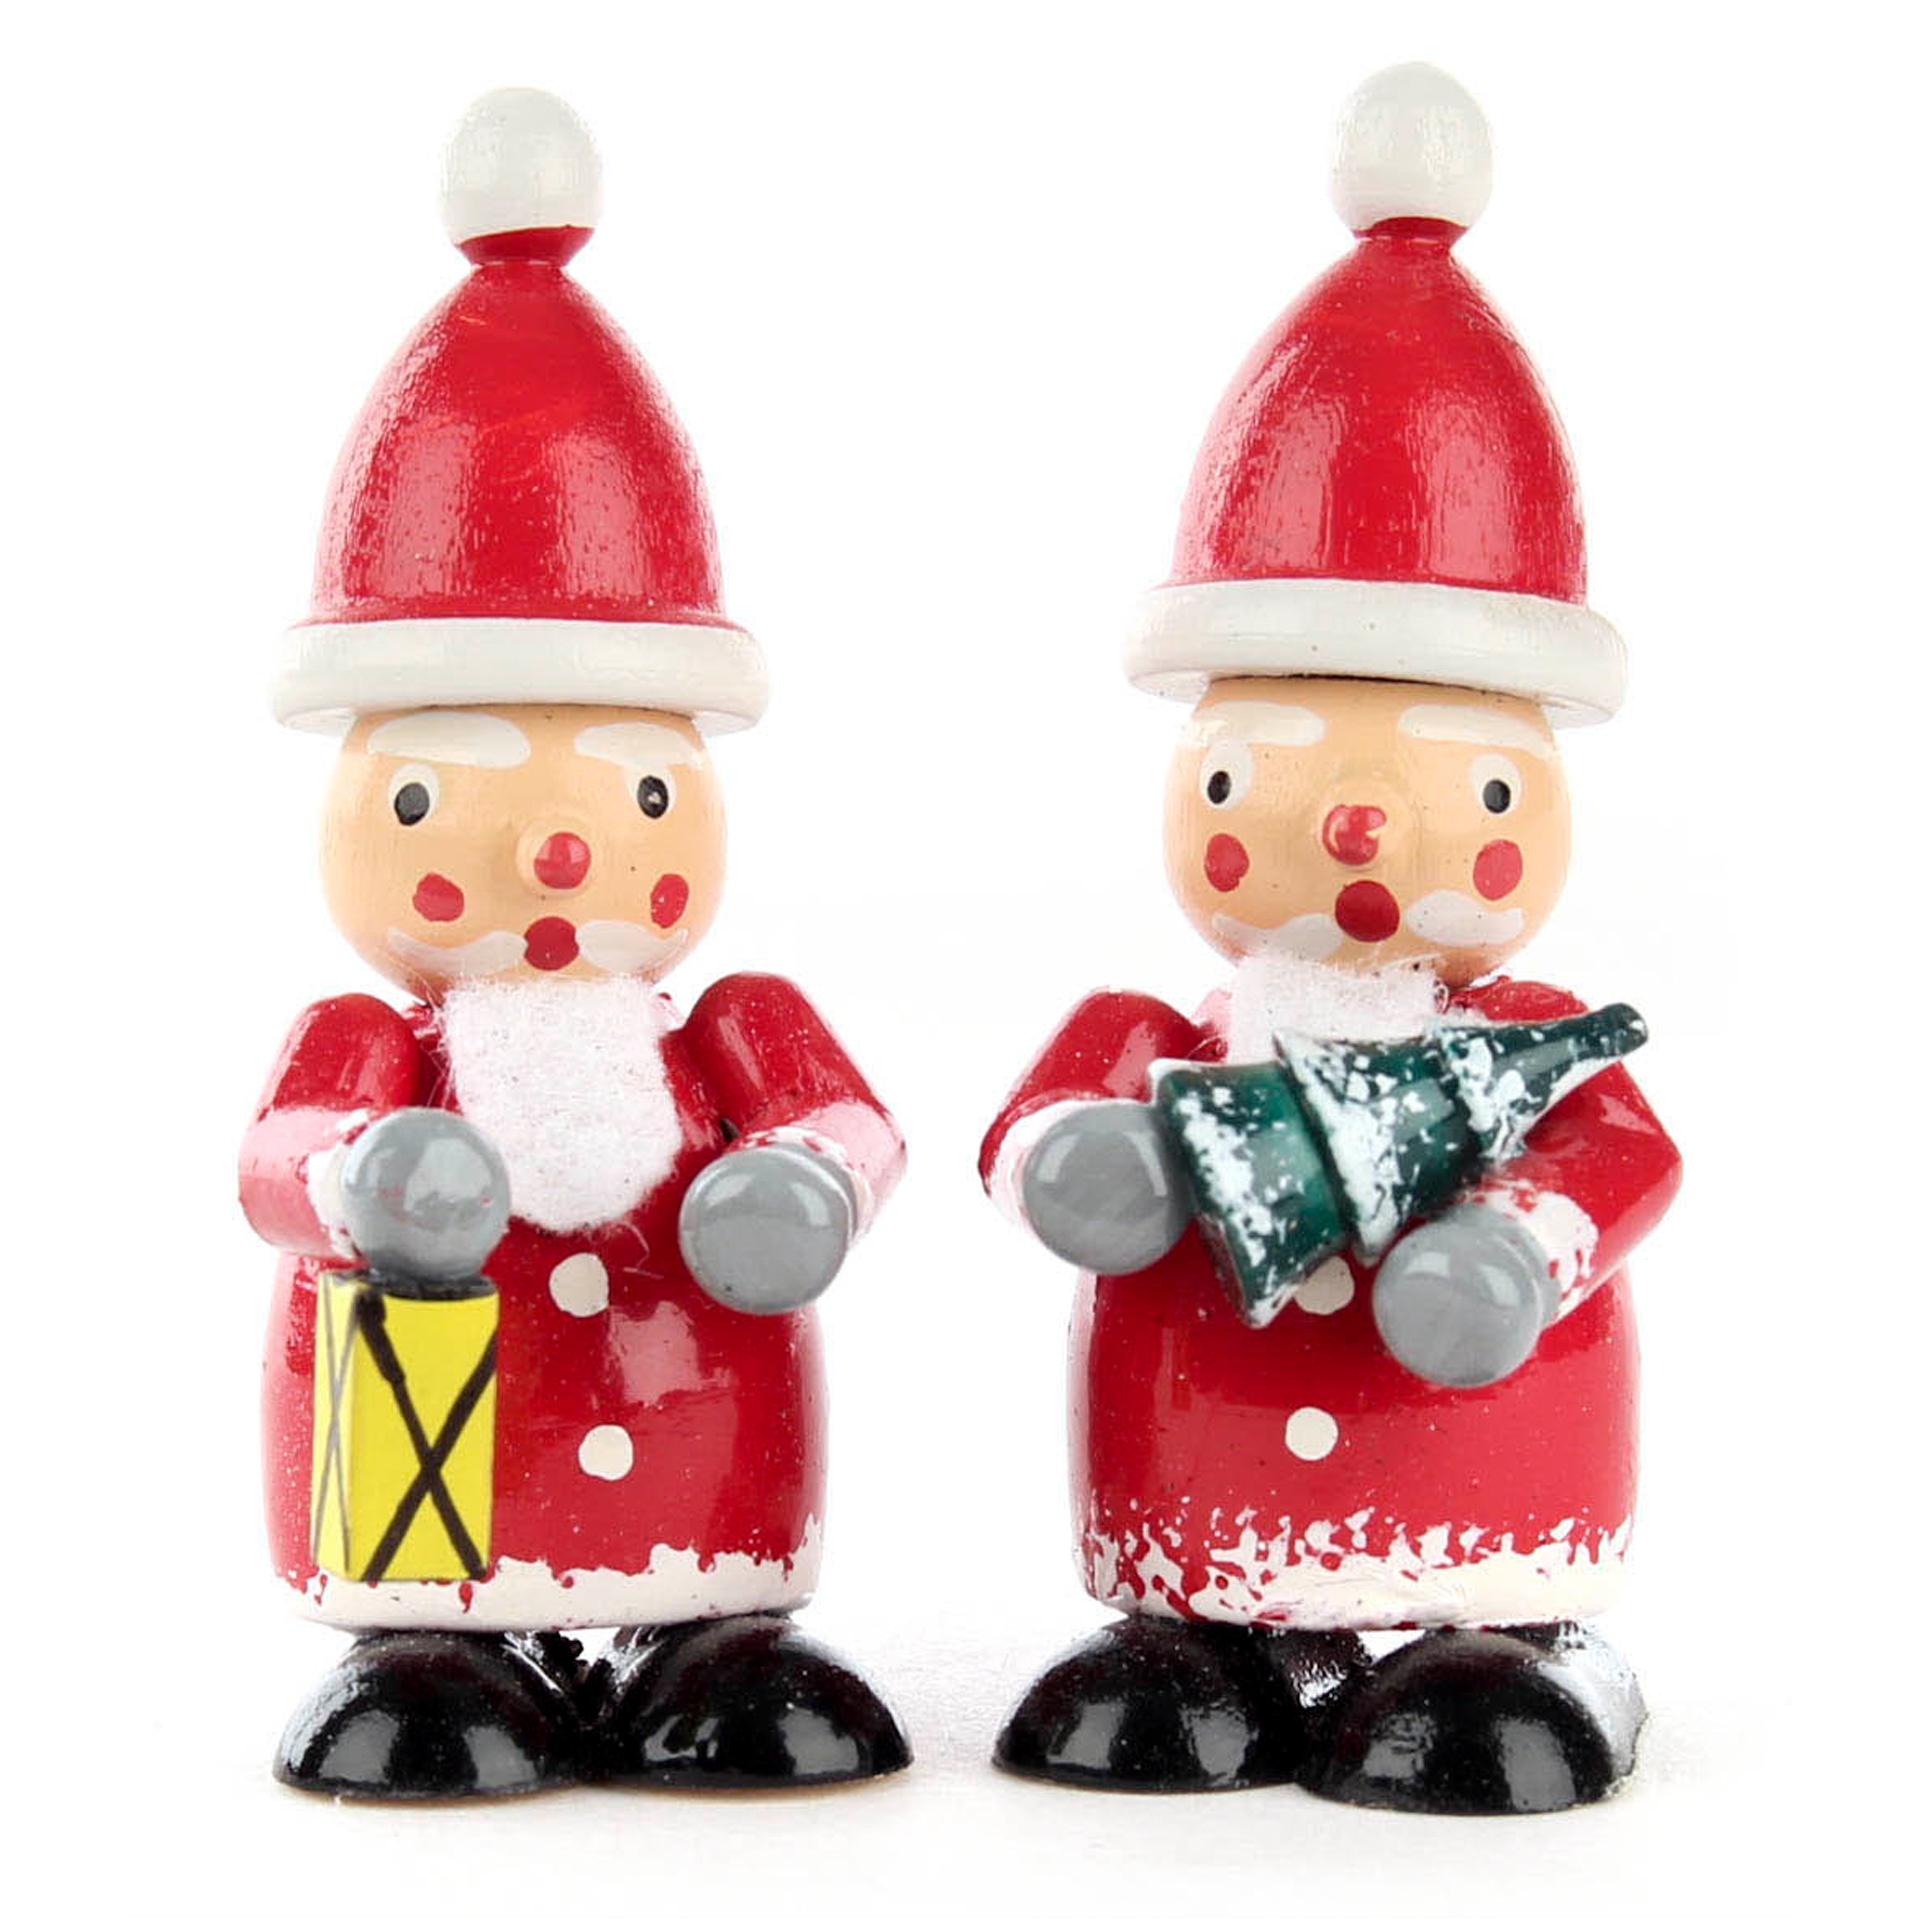 Miniatur Weihnachtsmänner mit Baum und Laterne, farbig